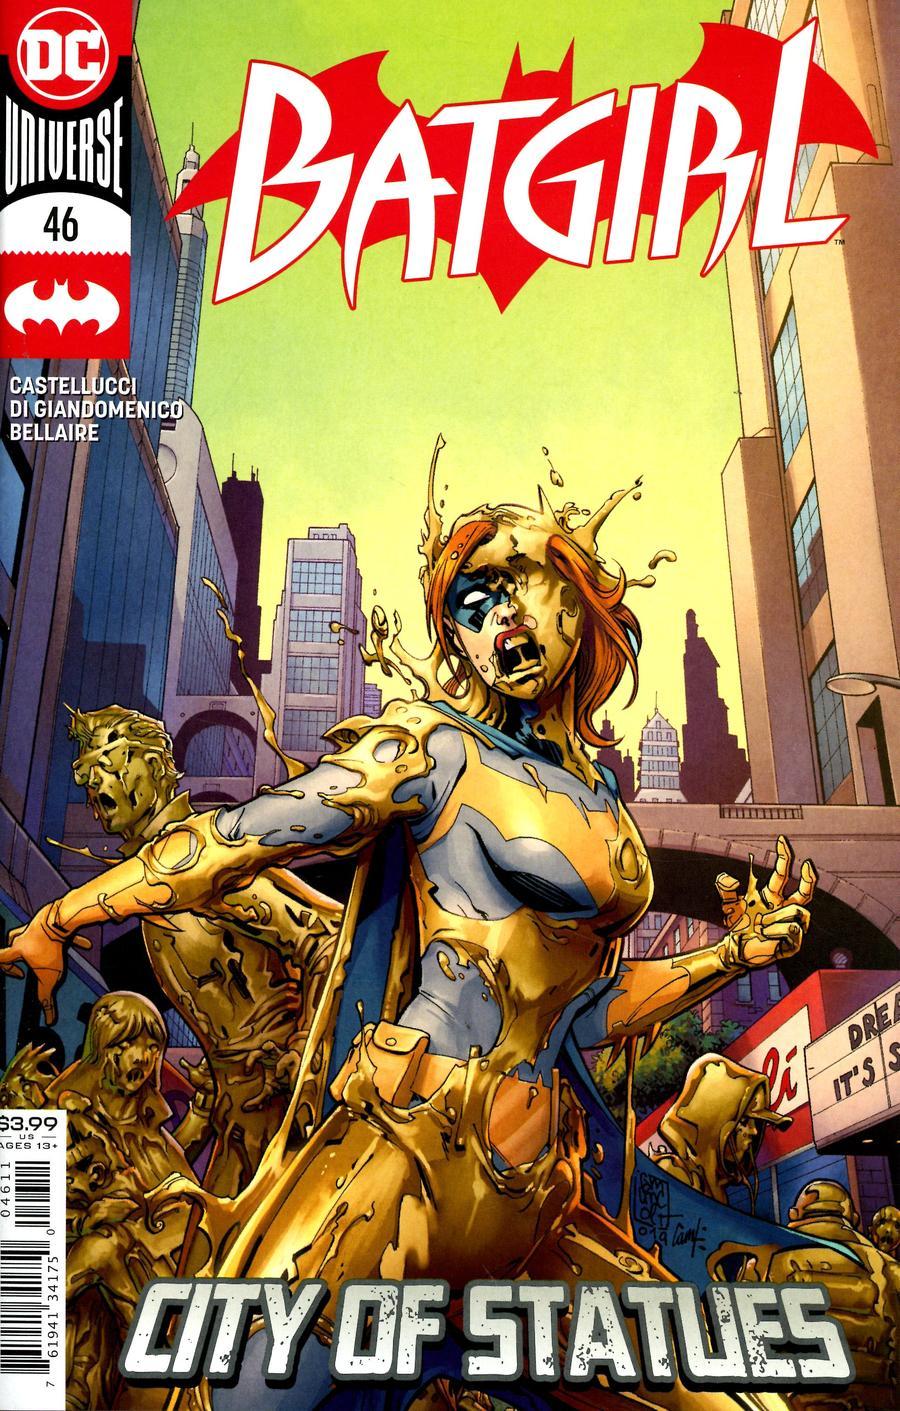 Batgirl Vol 5 #46 Cover A Regular Giuseppe Camuncoli Cover